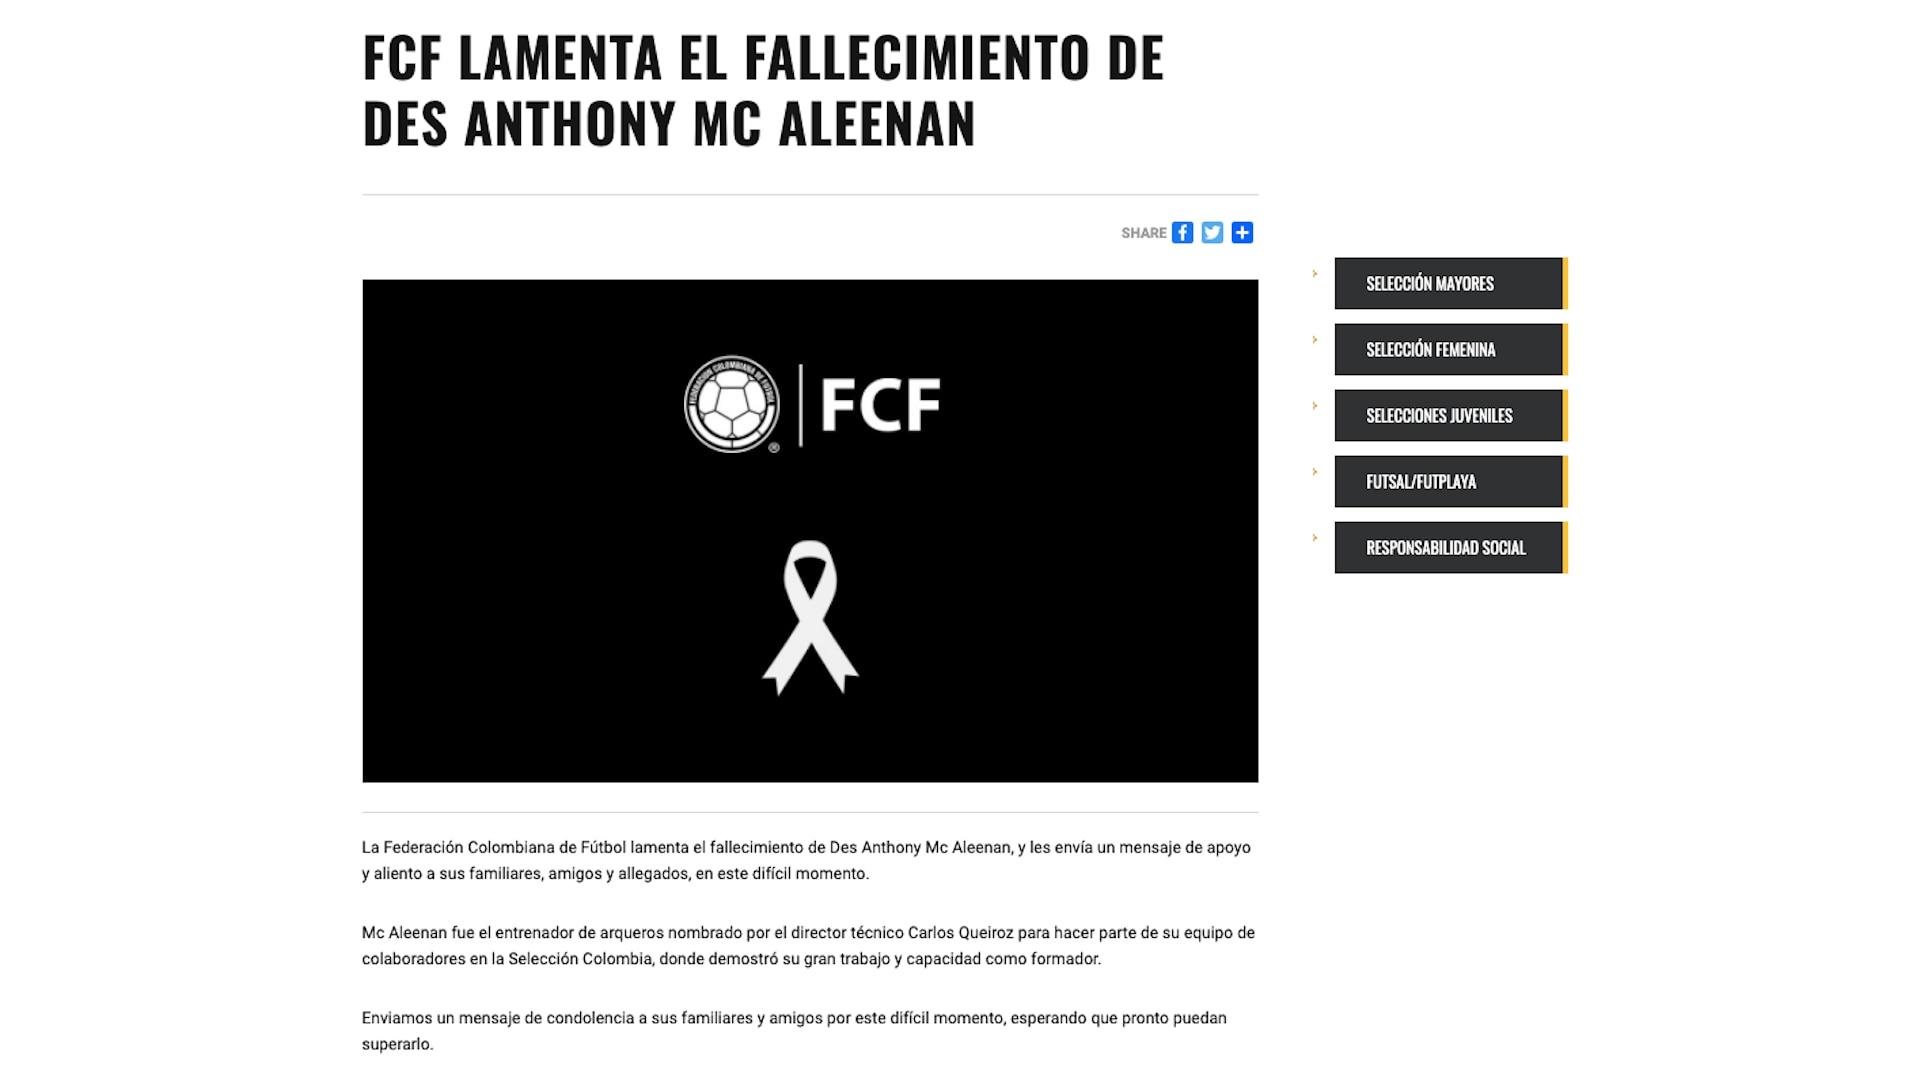 FCF envió mensajes de condolencias para la familia del exentrenador de arqueros de la Selección Colombia, Des Anthony Mc Aleenan / (FCF).